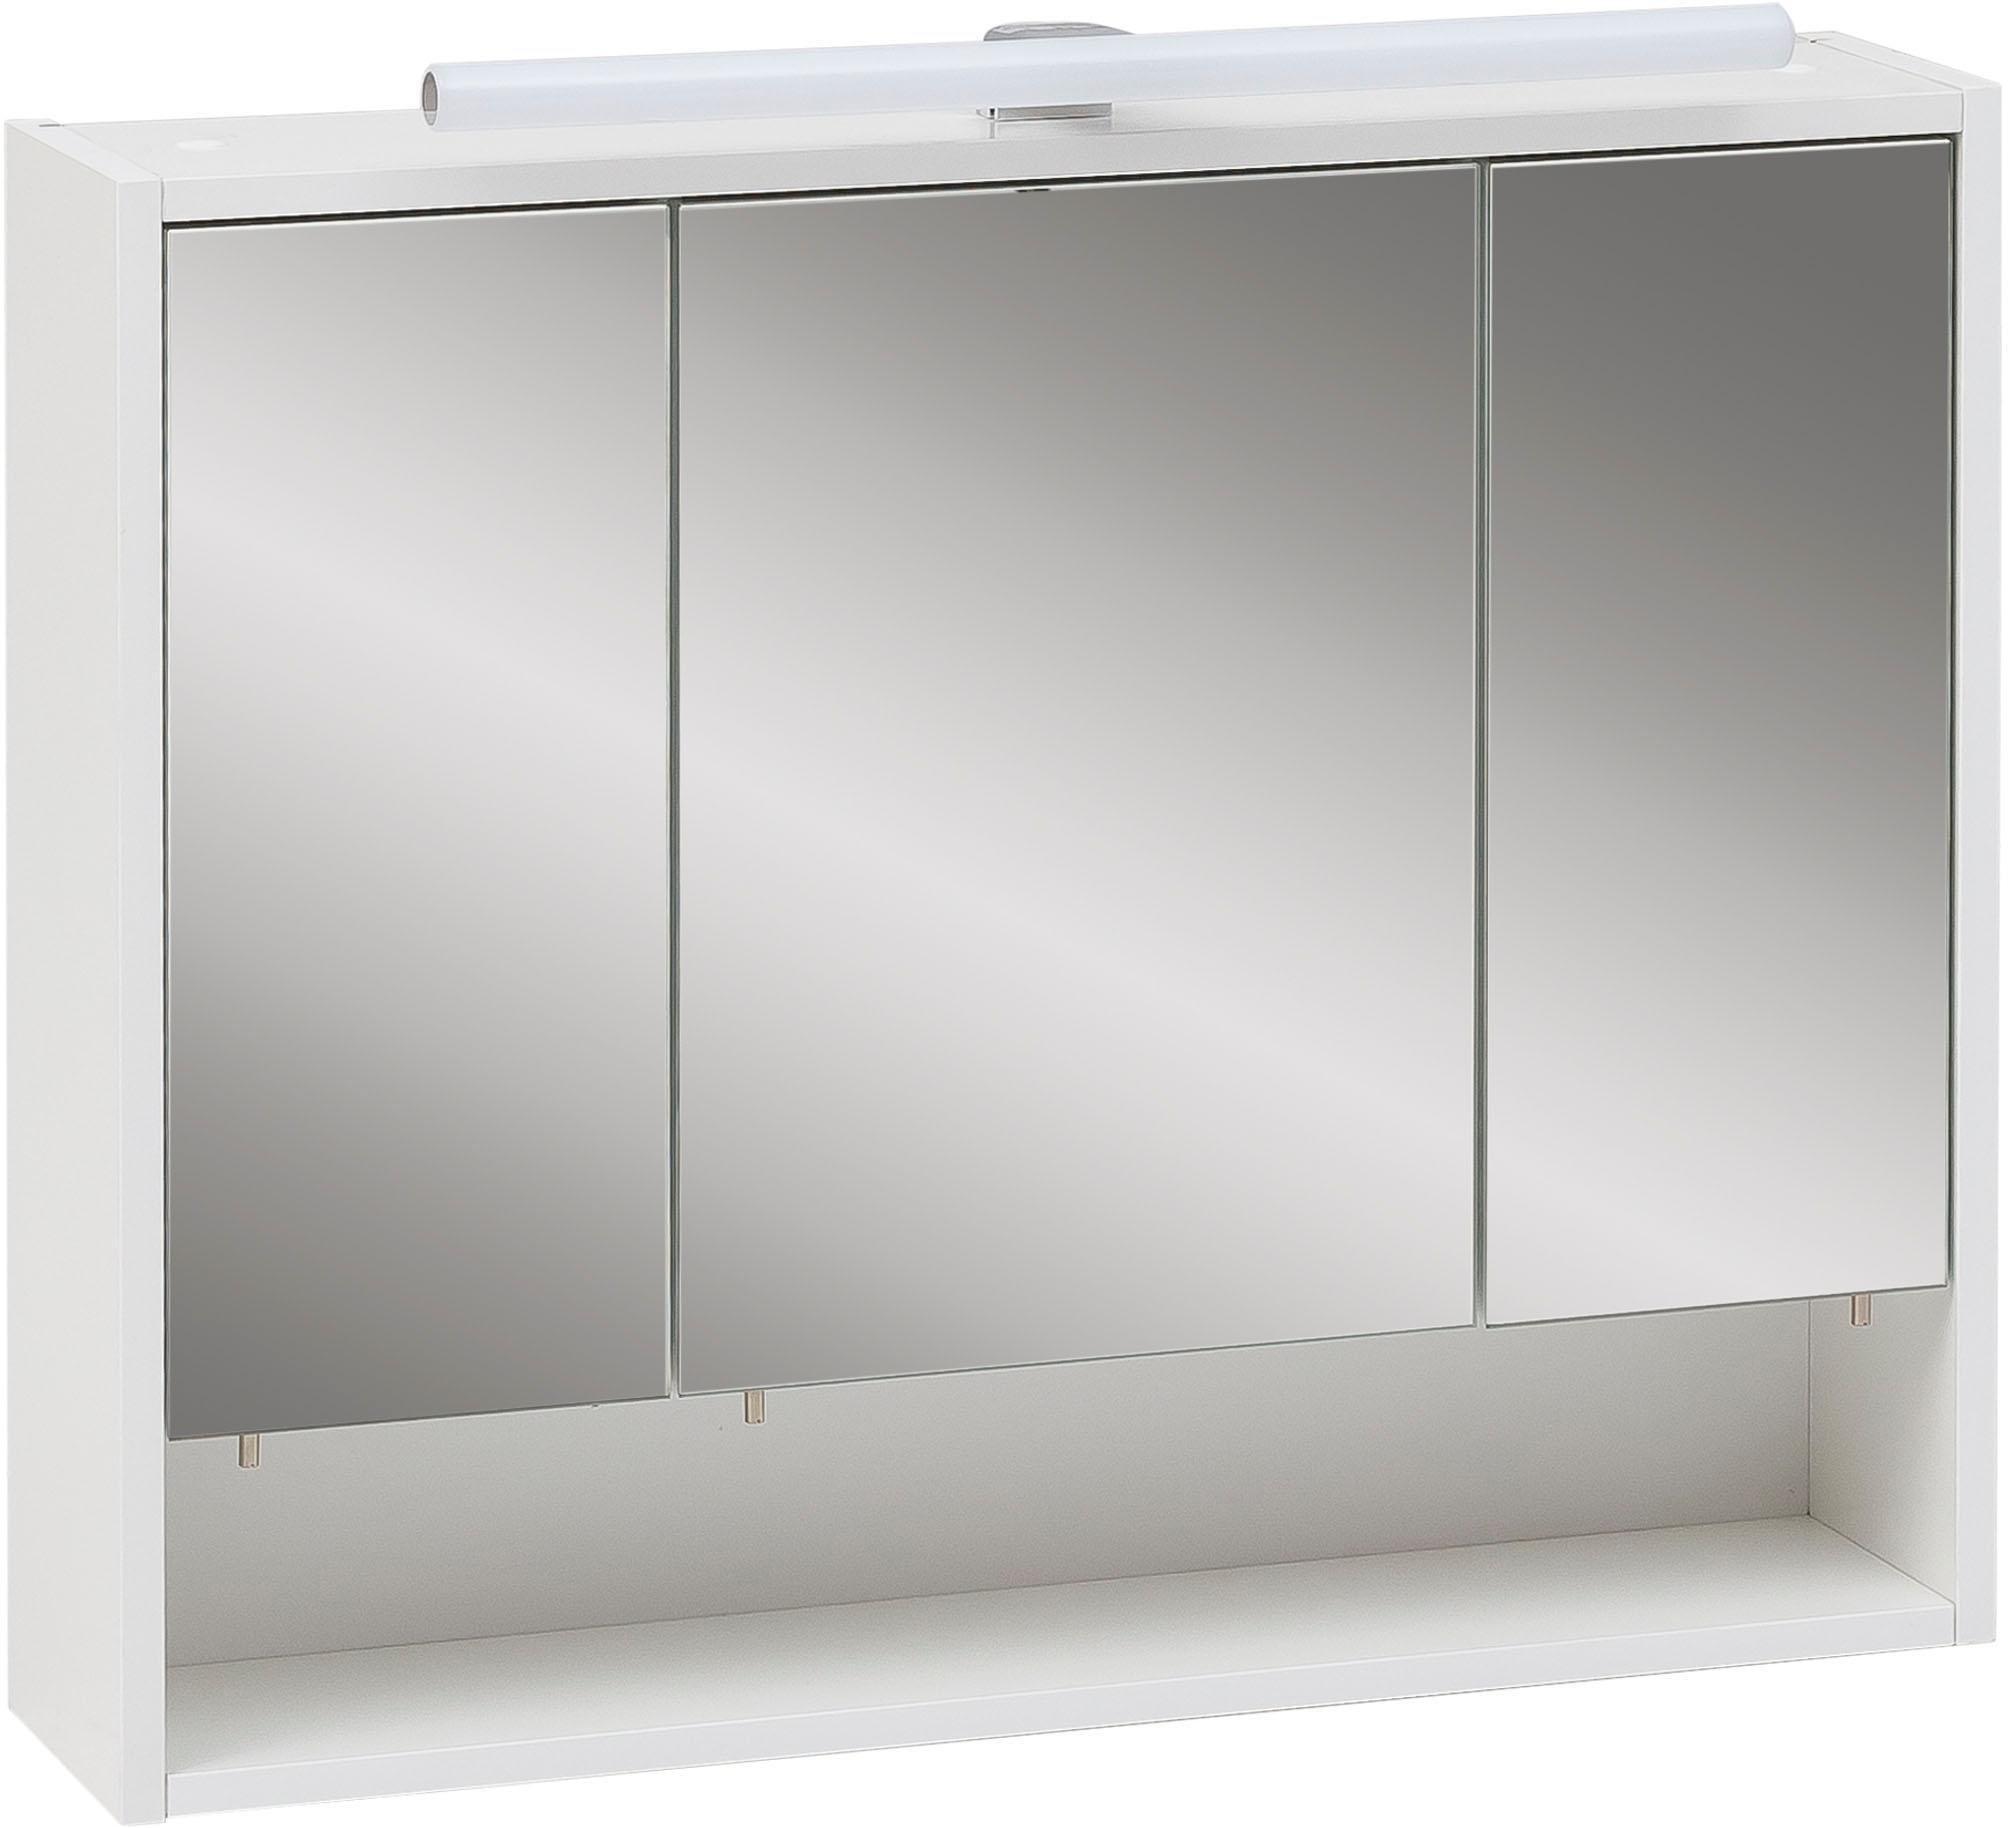 Schildmeyer spiegelkast Sailor Breedte 70 cm, 3-deurs, ledverlichting, schakelaar-/stekkerdoos, rekvak, glasplateaus, soft-closetechniek, Made in Germany in de webshop van OTTO kopen